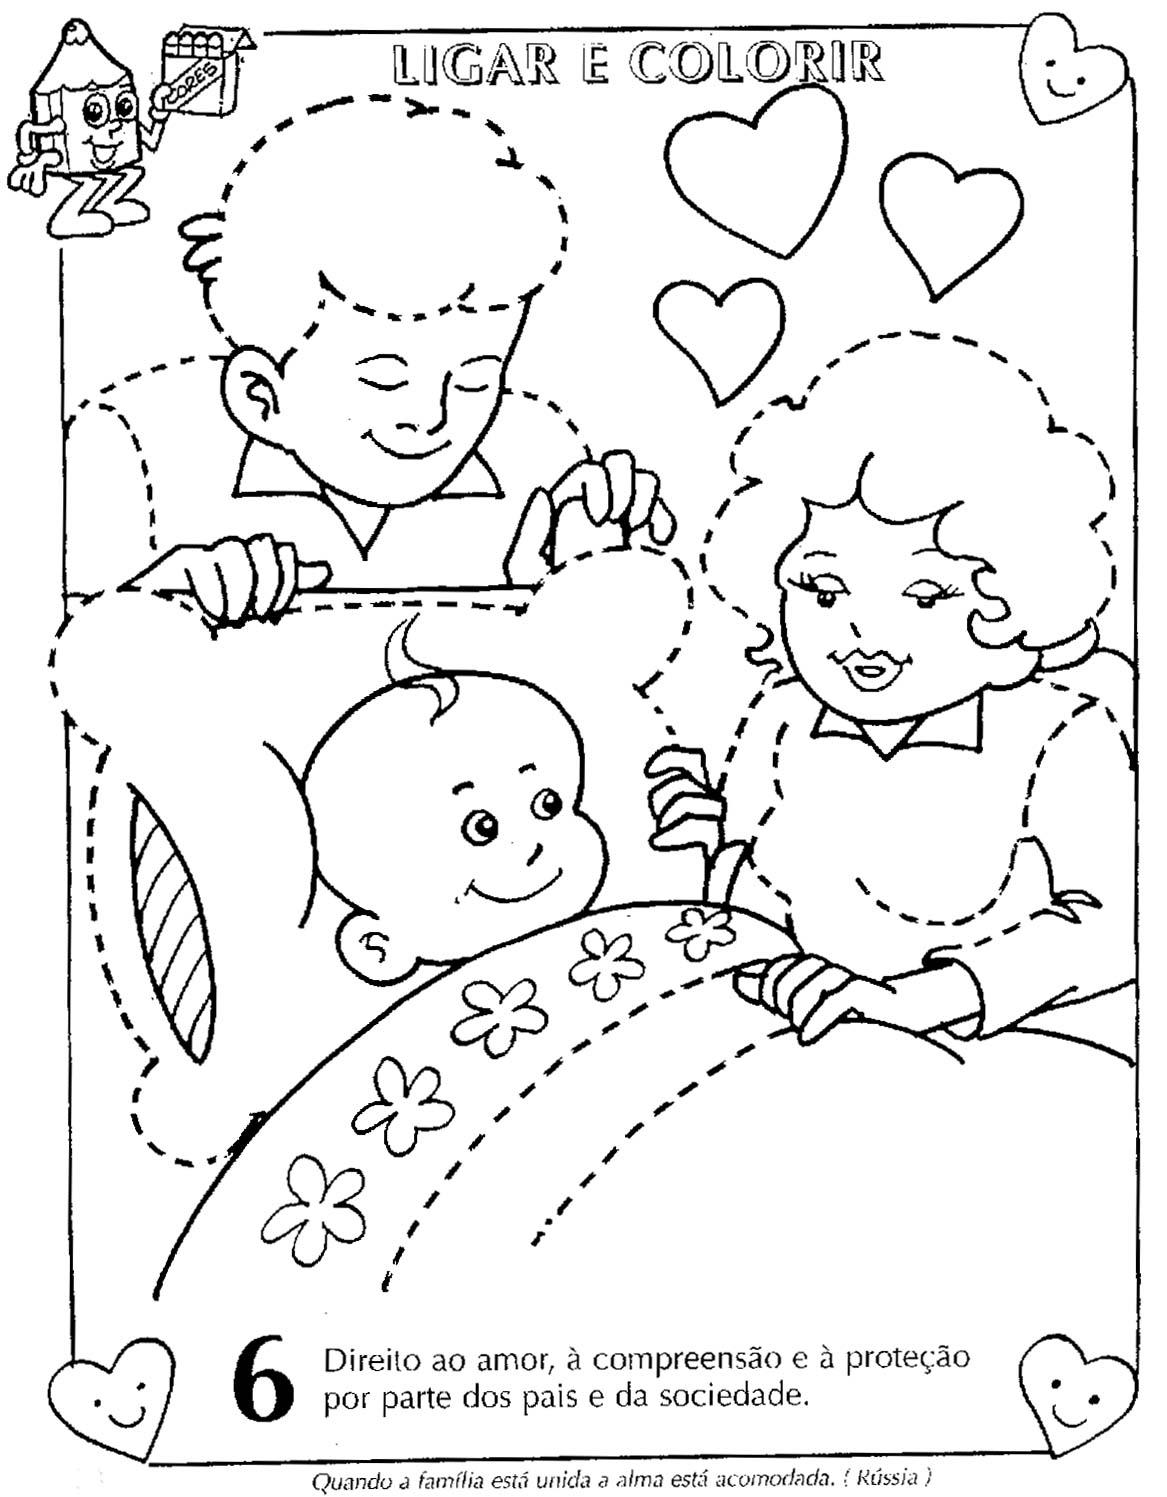 Estatuto da Criança e do Adolescente ilustrado para